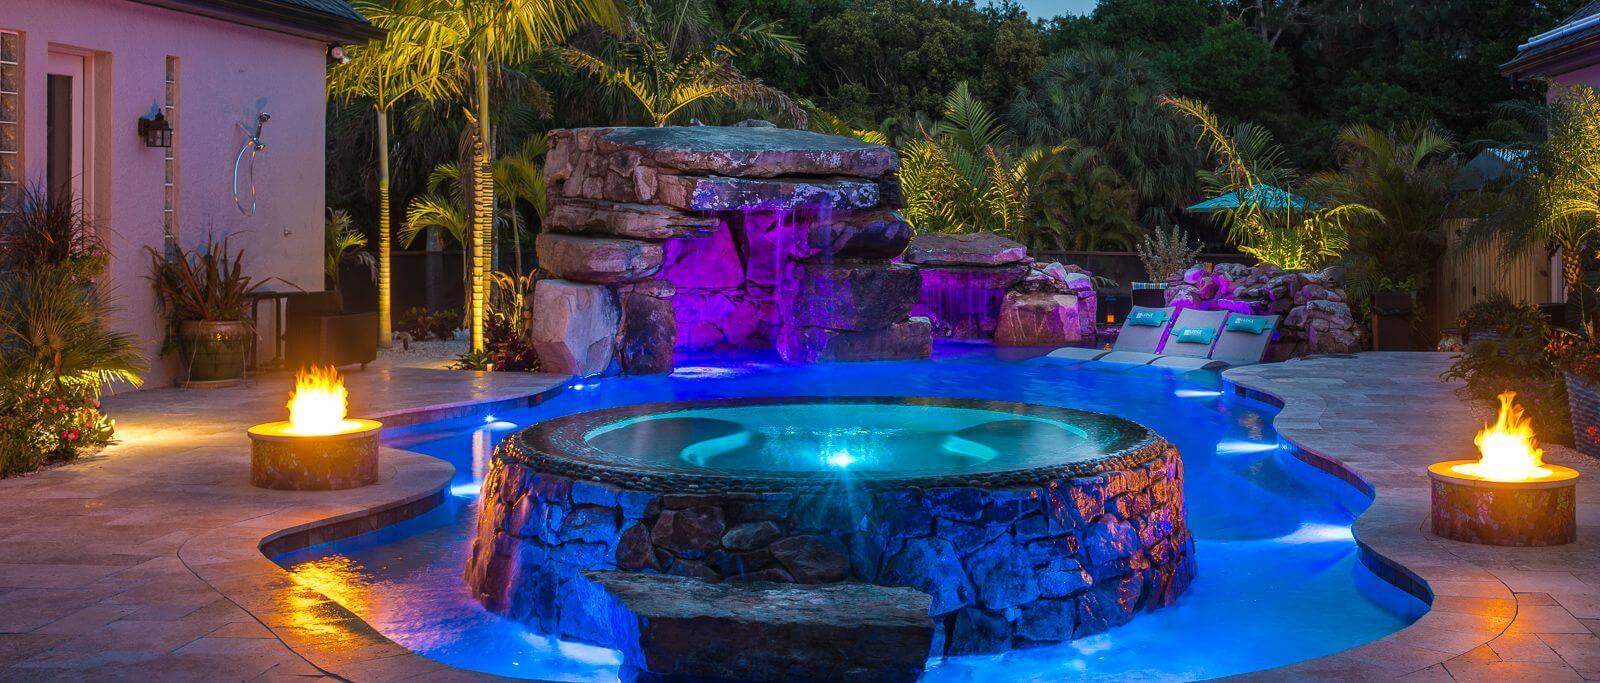 build-pools.jpg